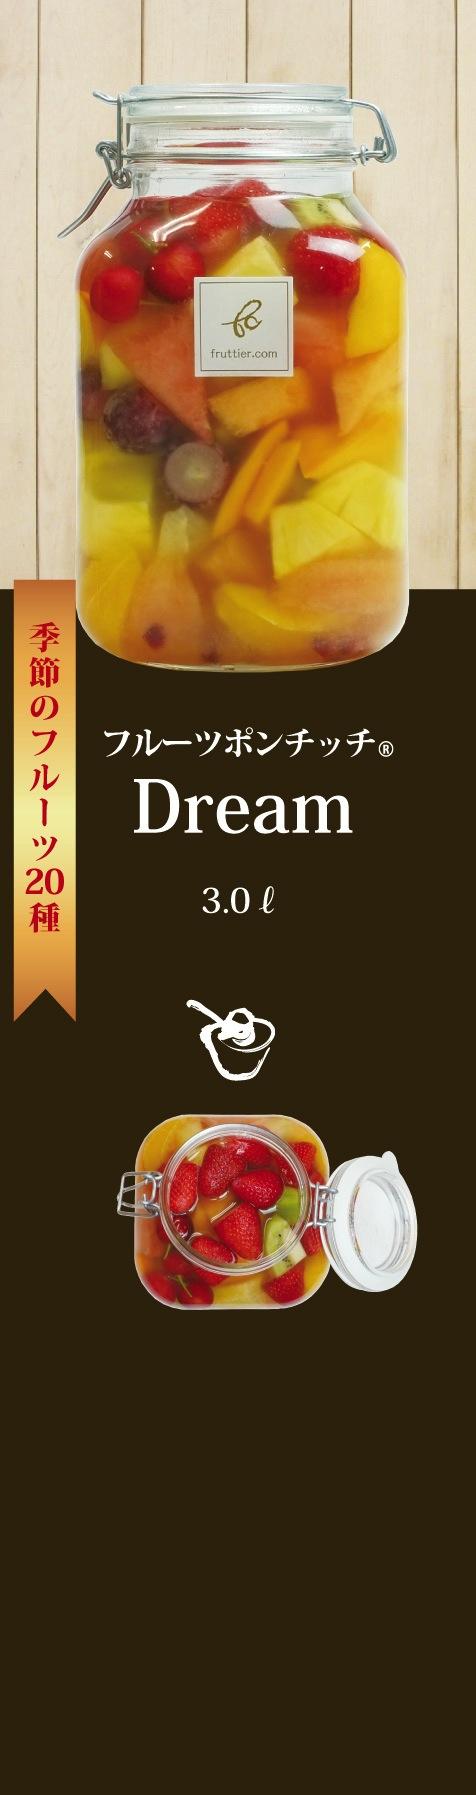 フルーツポンチッチDream〜さくらんぼ